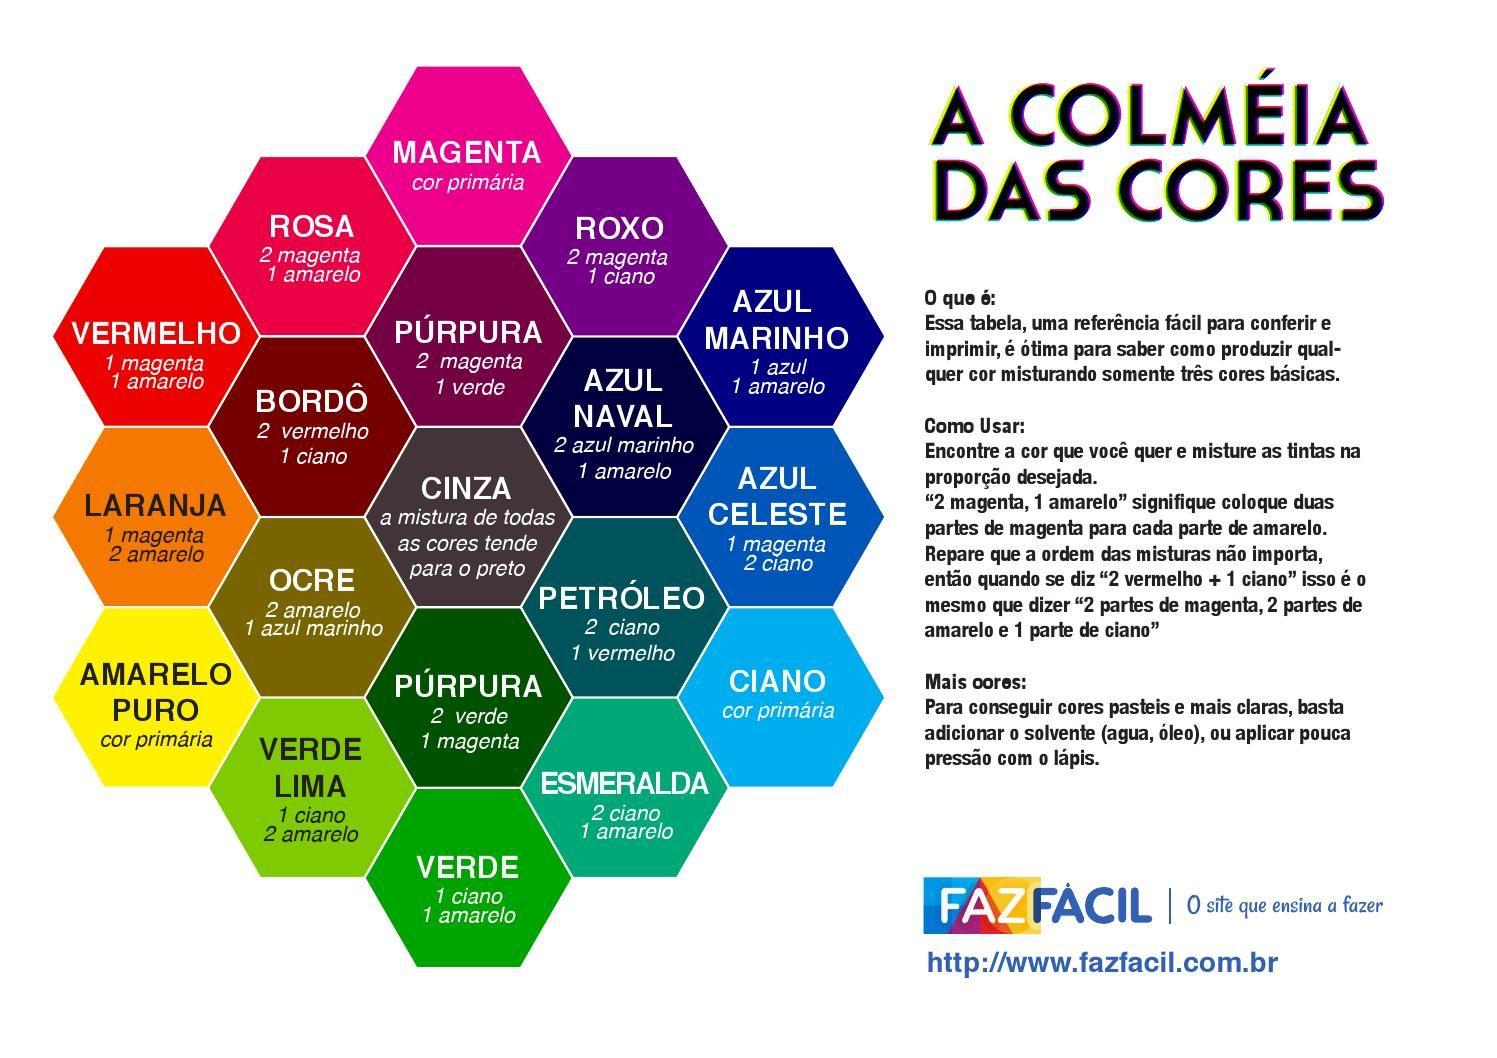 Colmeia das cores by Carolina Rodrigues Rentes - issuu 91c17e79b234a